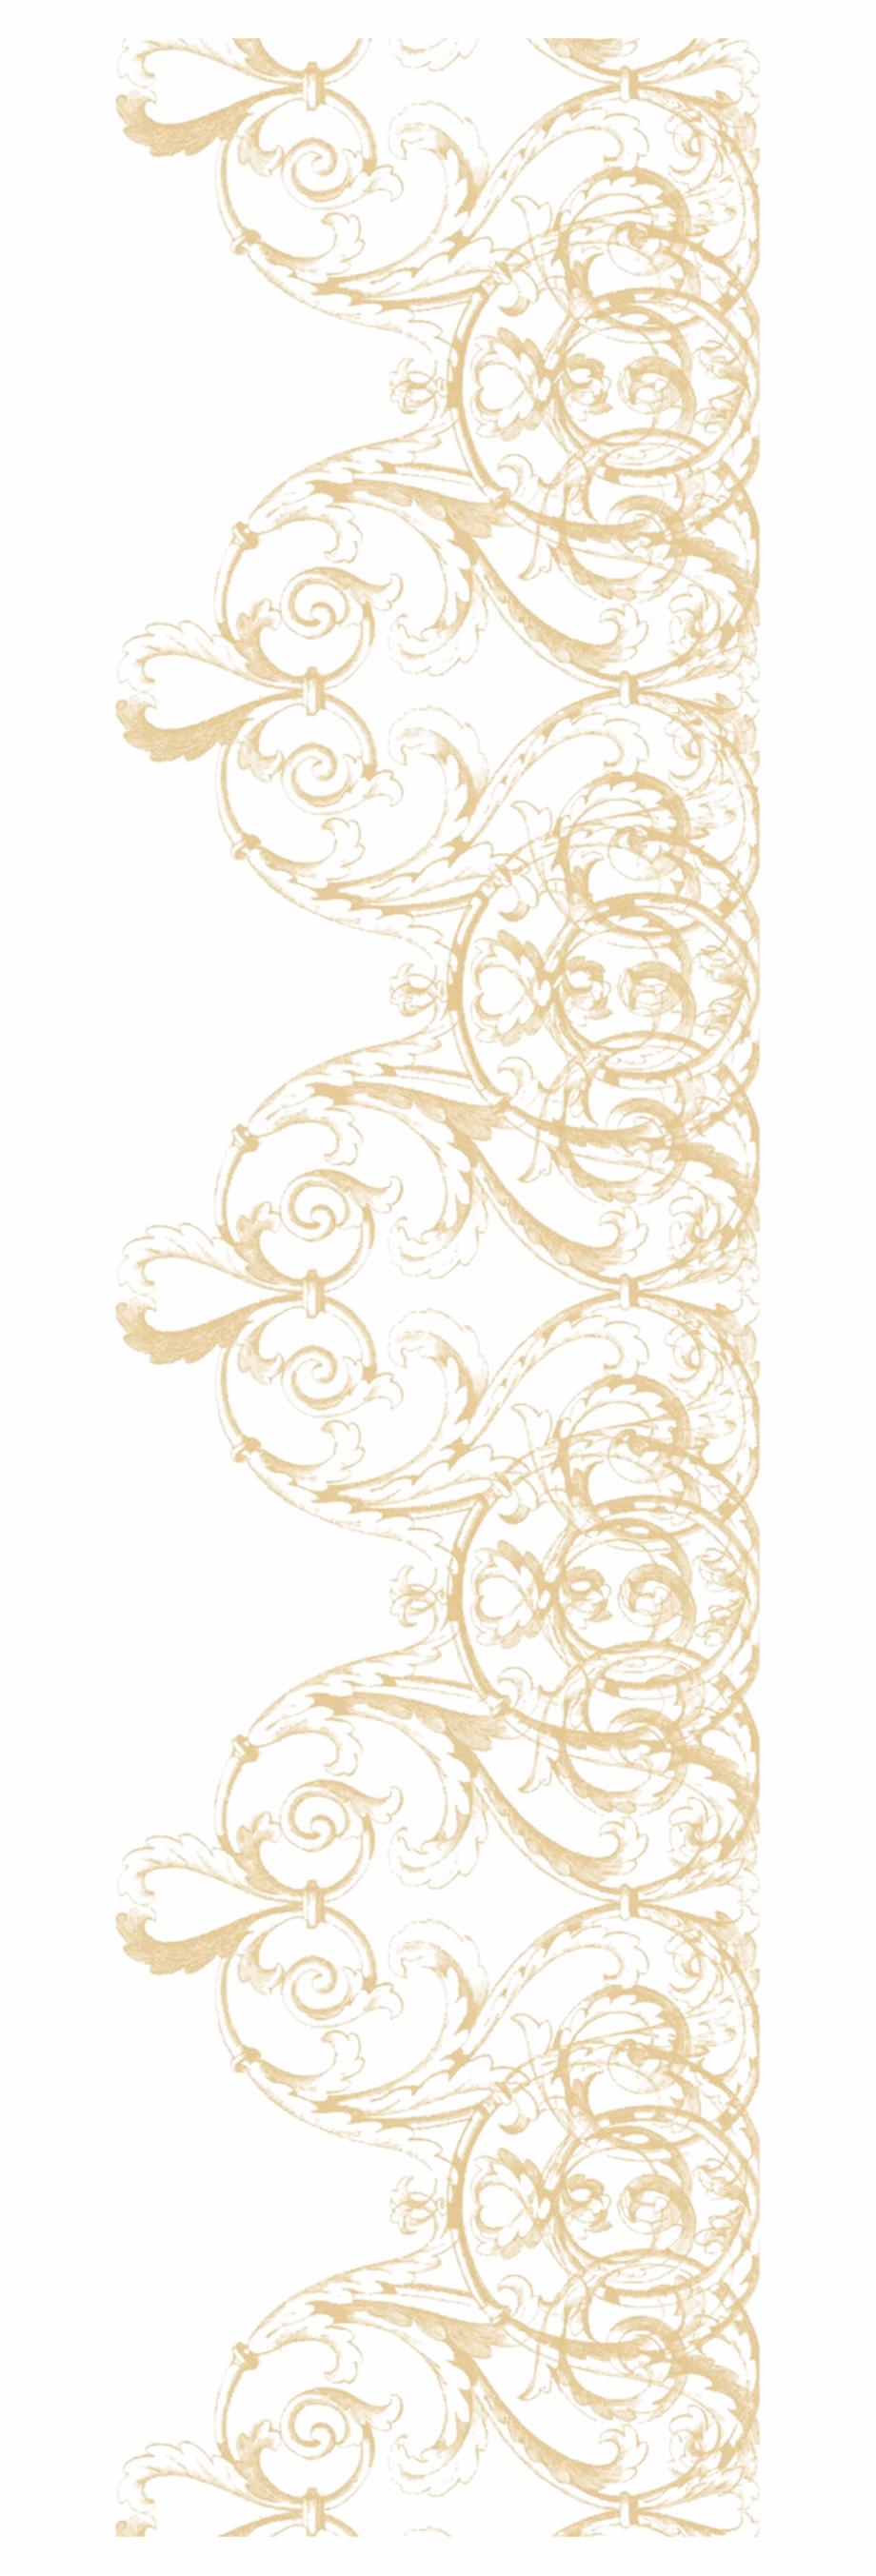 png transparent Laces clipart antique lace. Deco circle png vector.